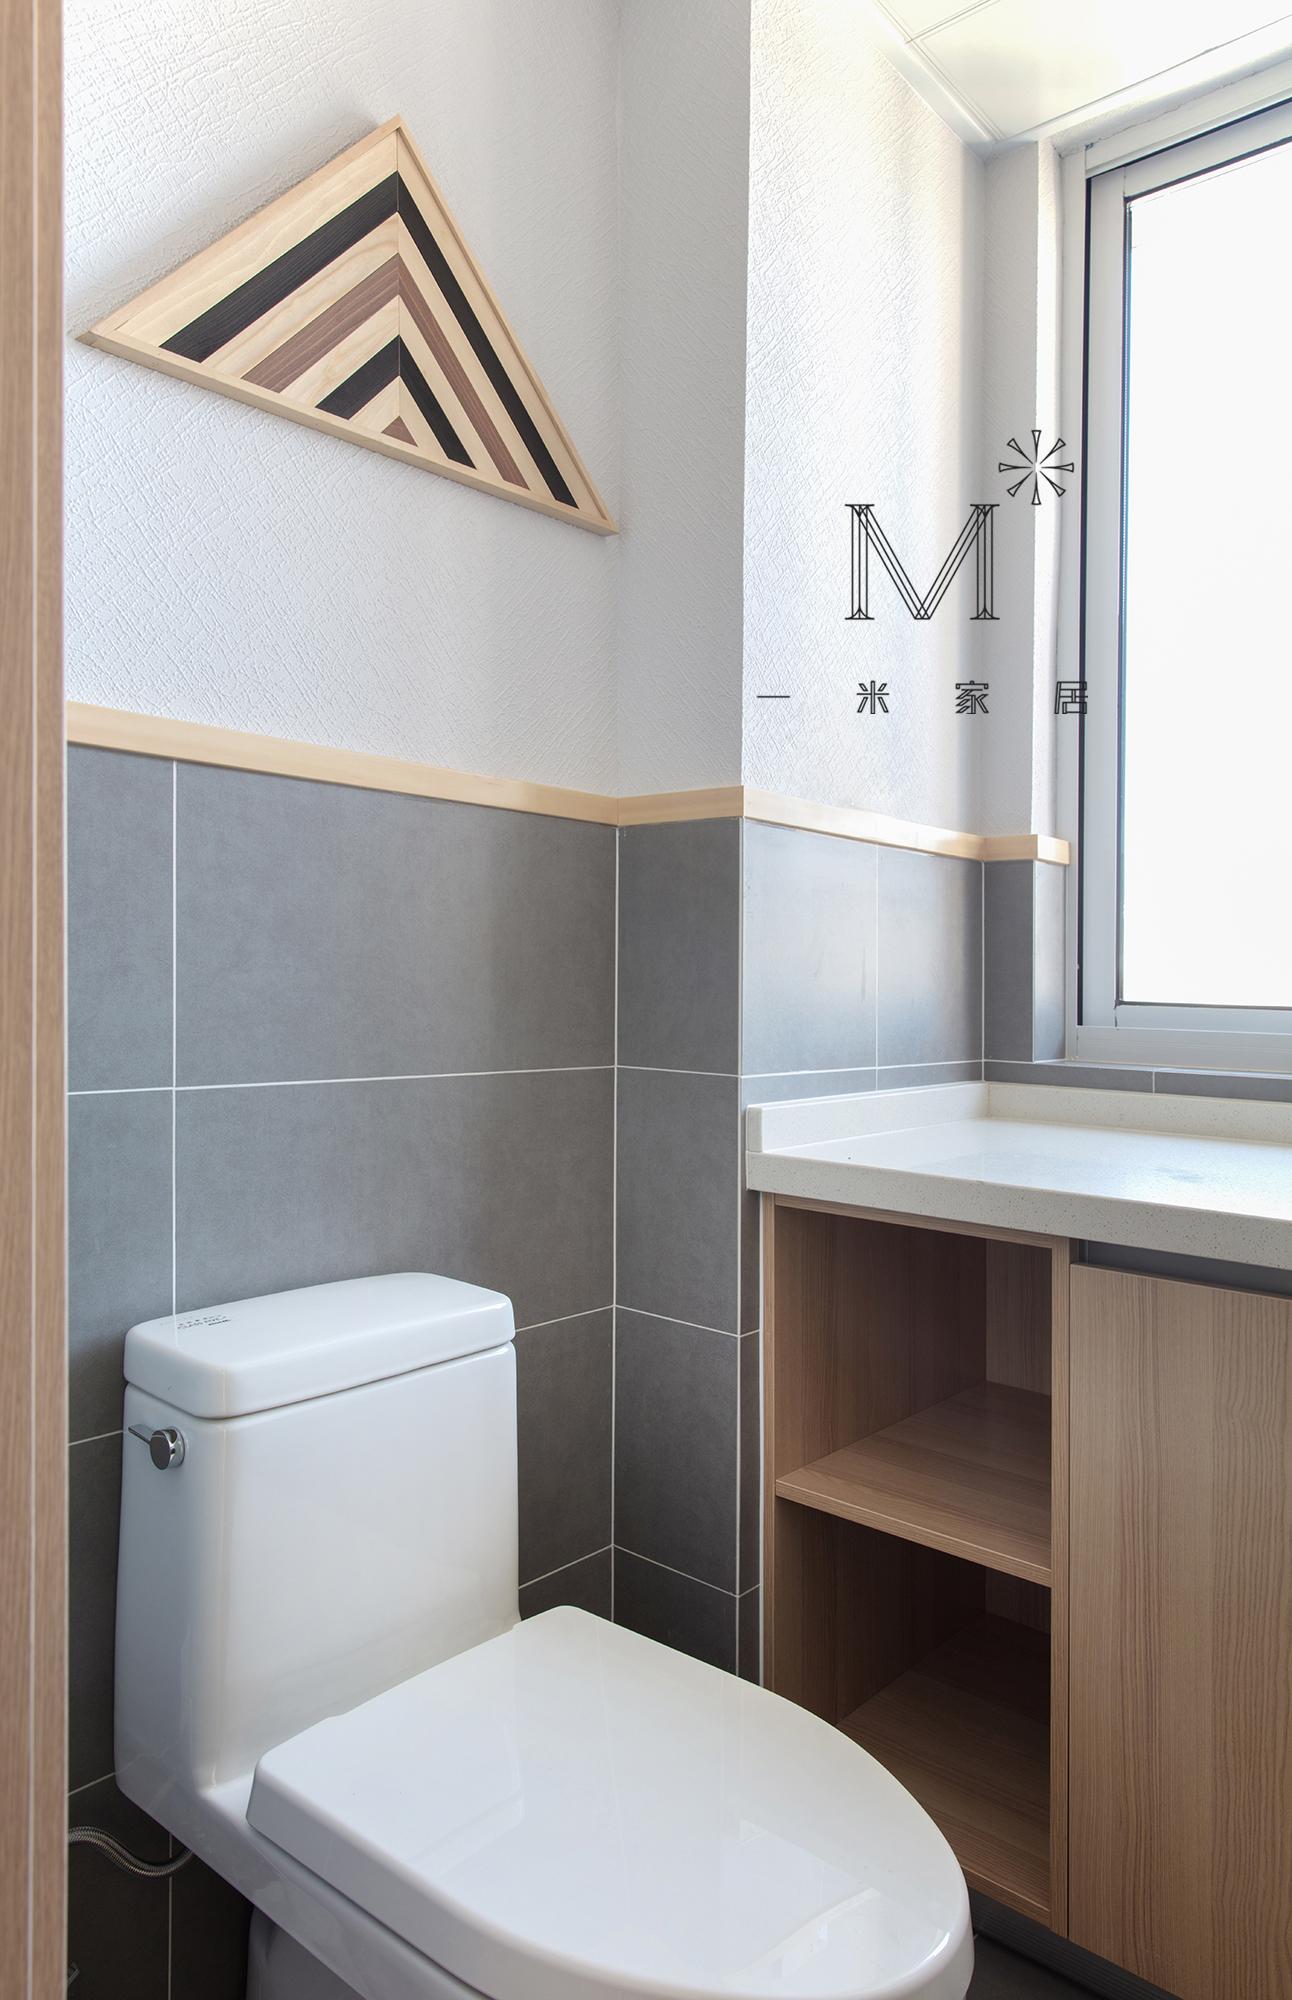 明亮60平日式二居卫生间装修美图卫生间马桶日式卫生间设计图片赏析